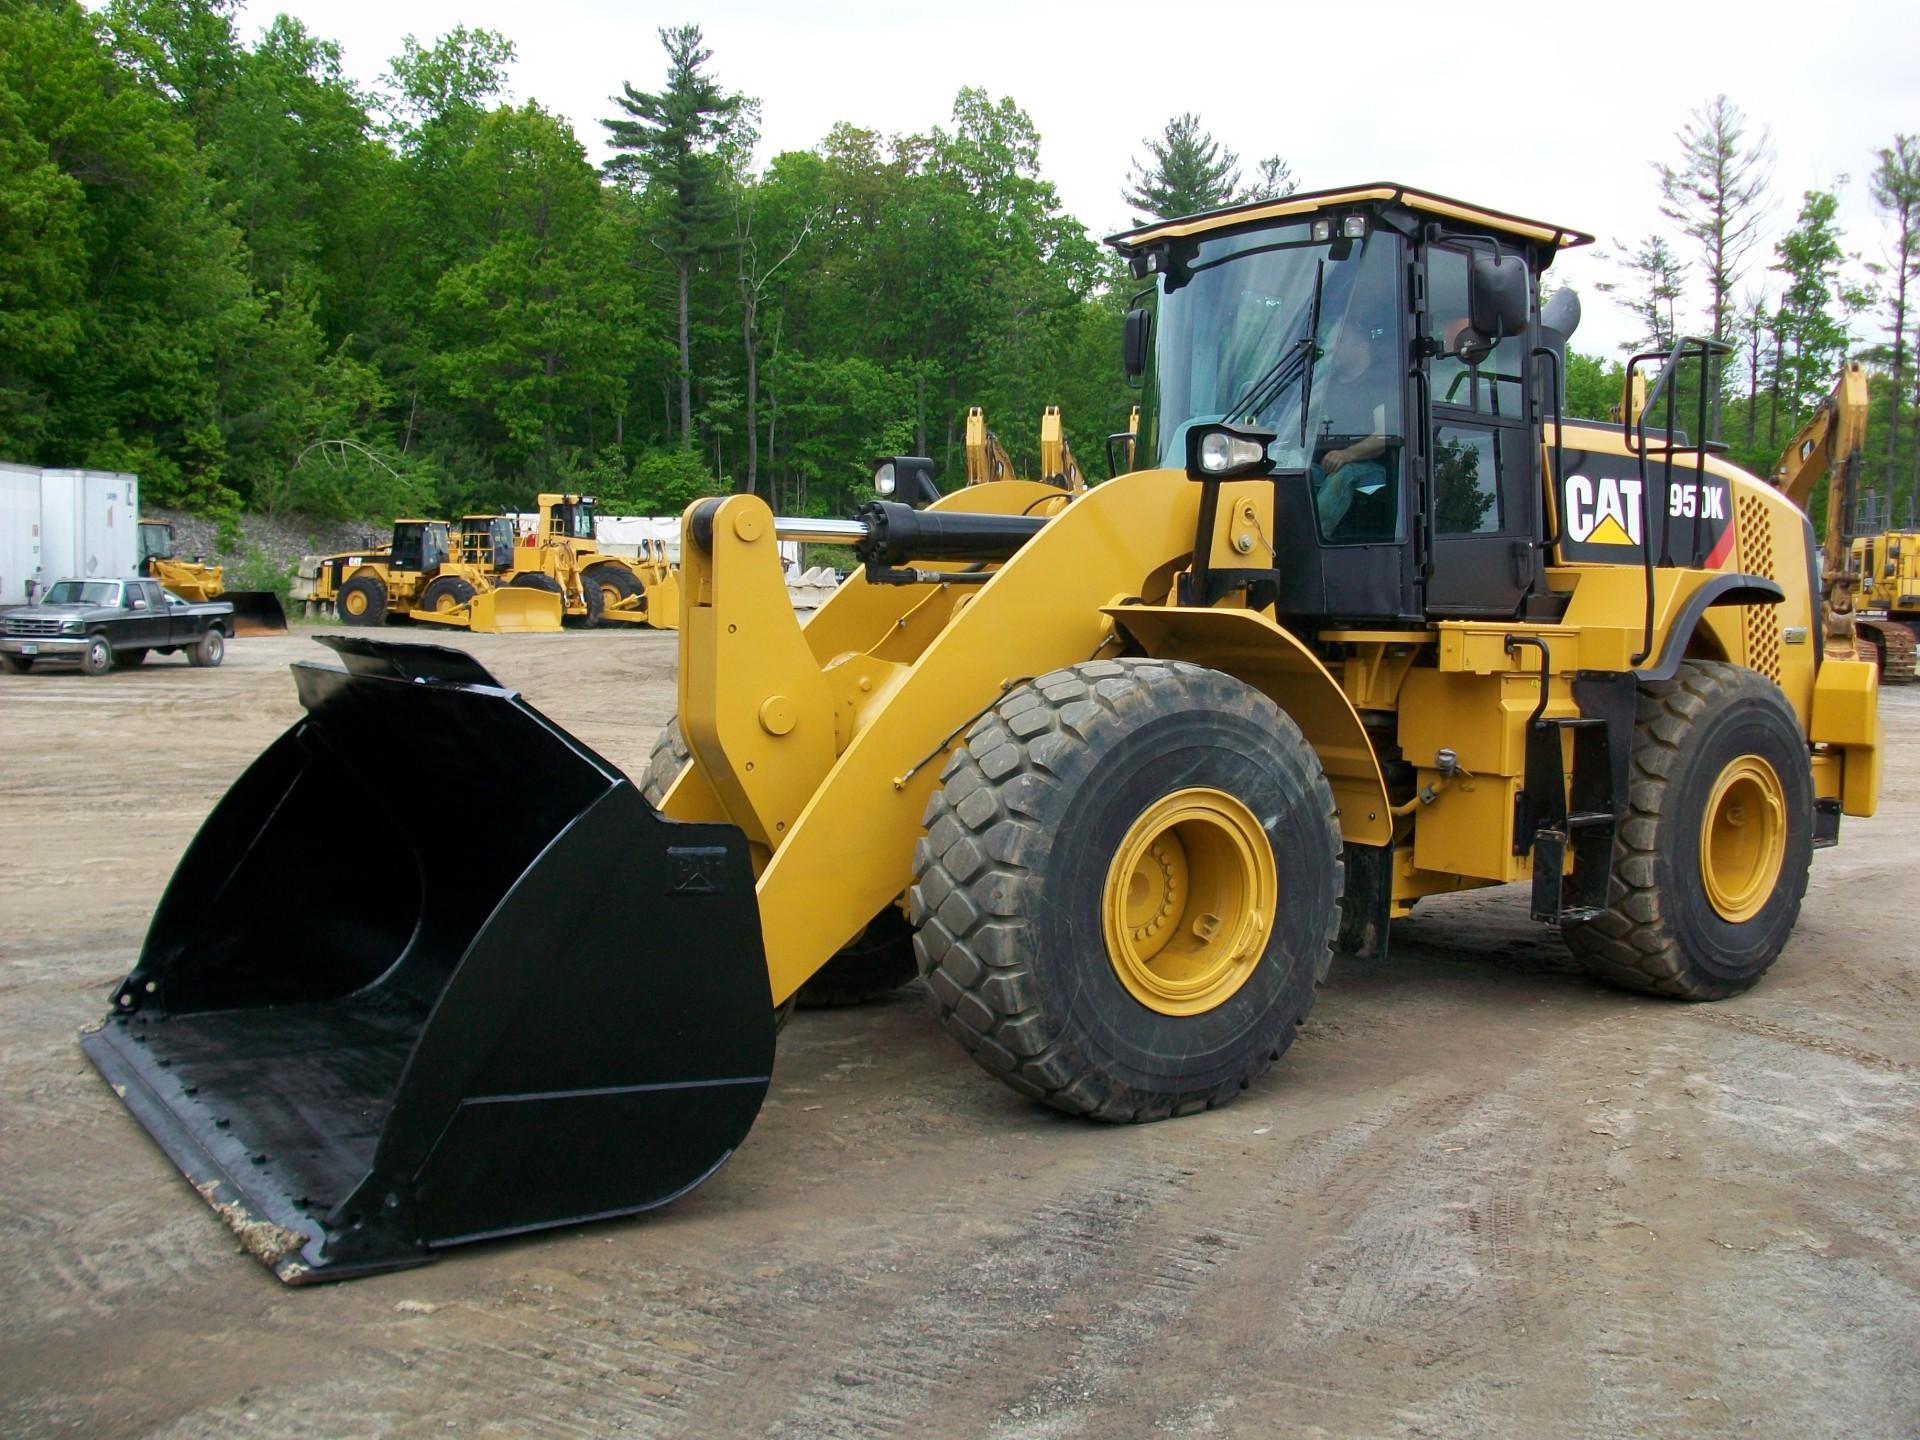 2012 CAT 950K, $165,000